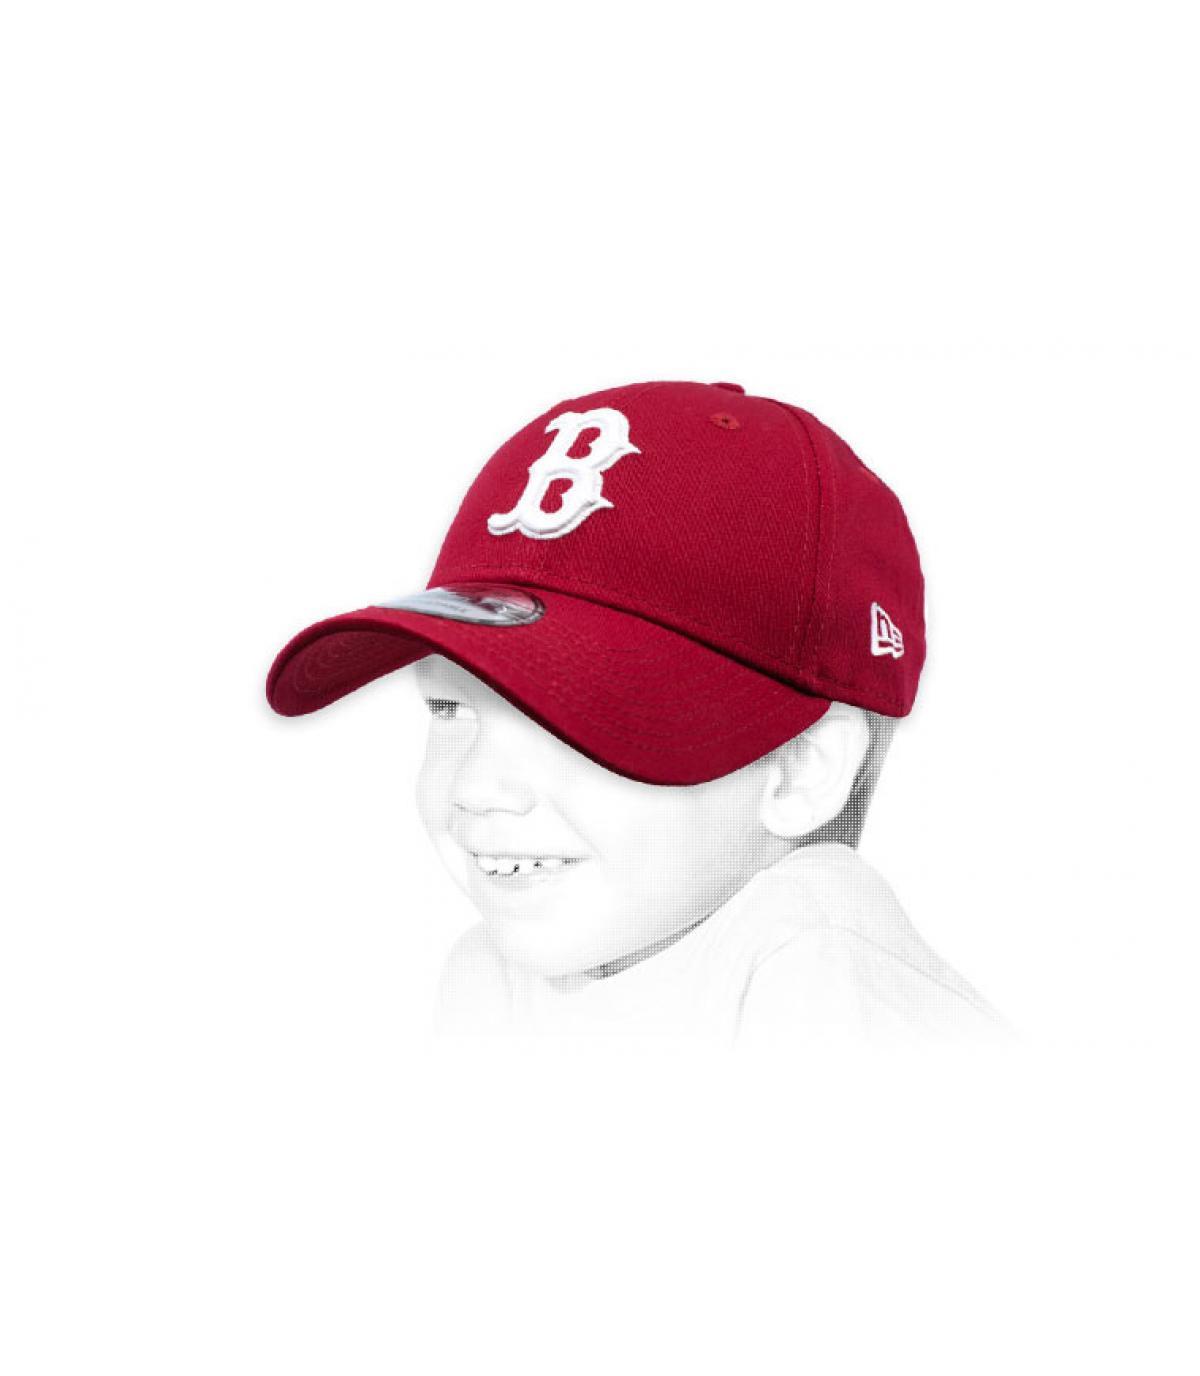 B berretto bordeaux